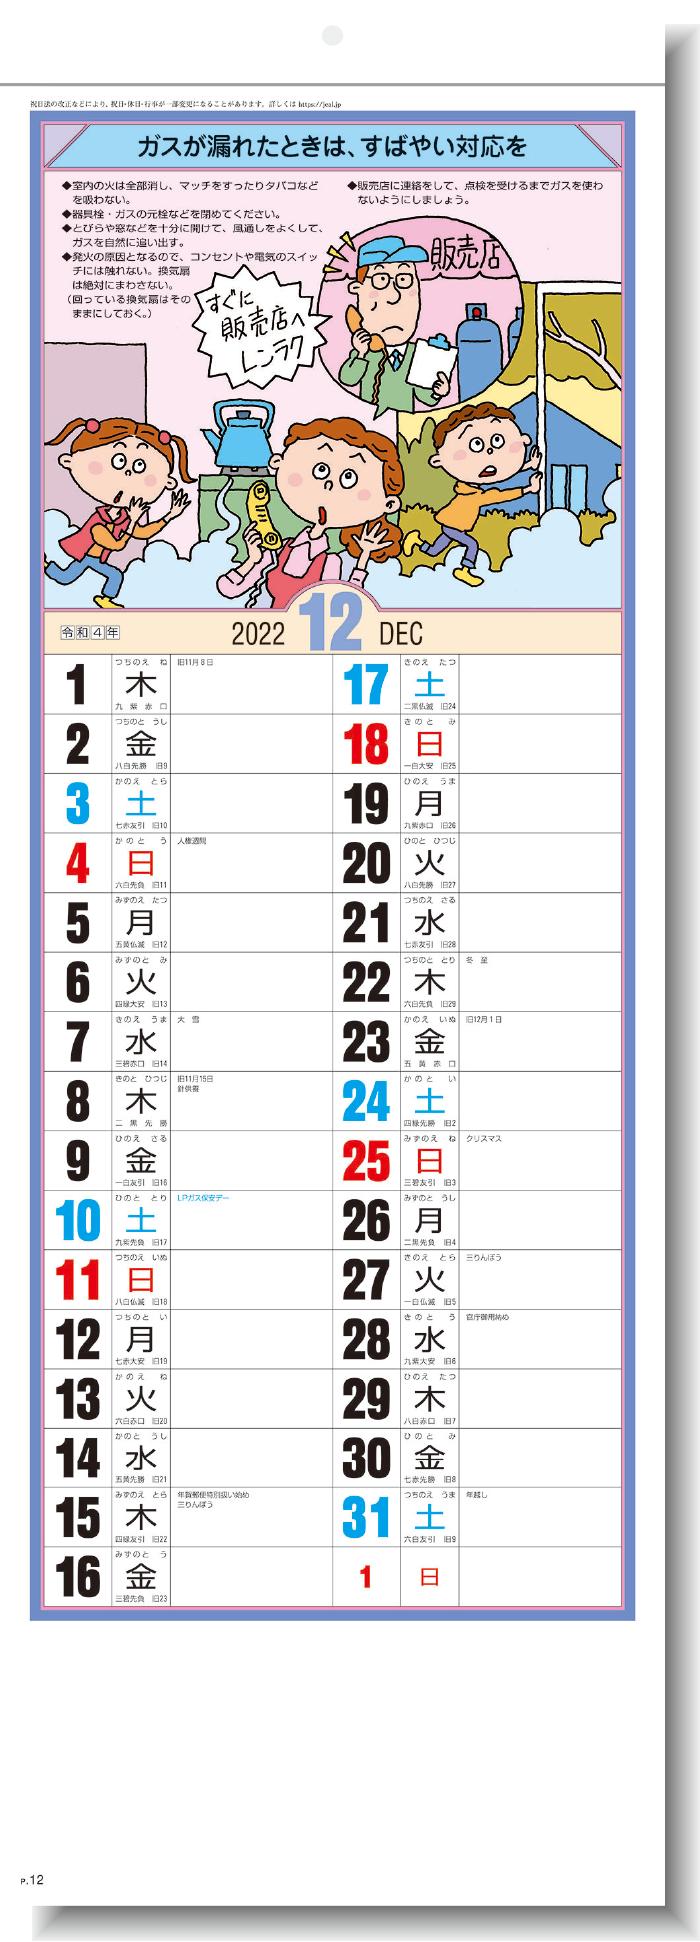 プロパンガスカレンダー